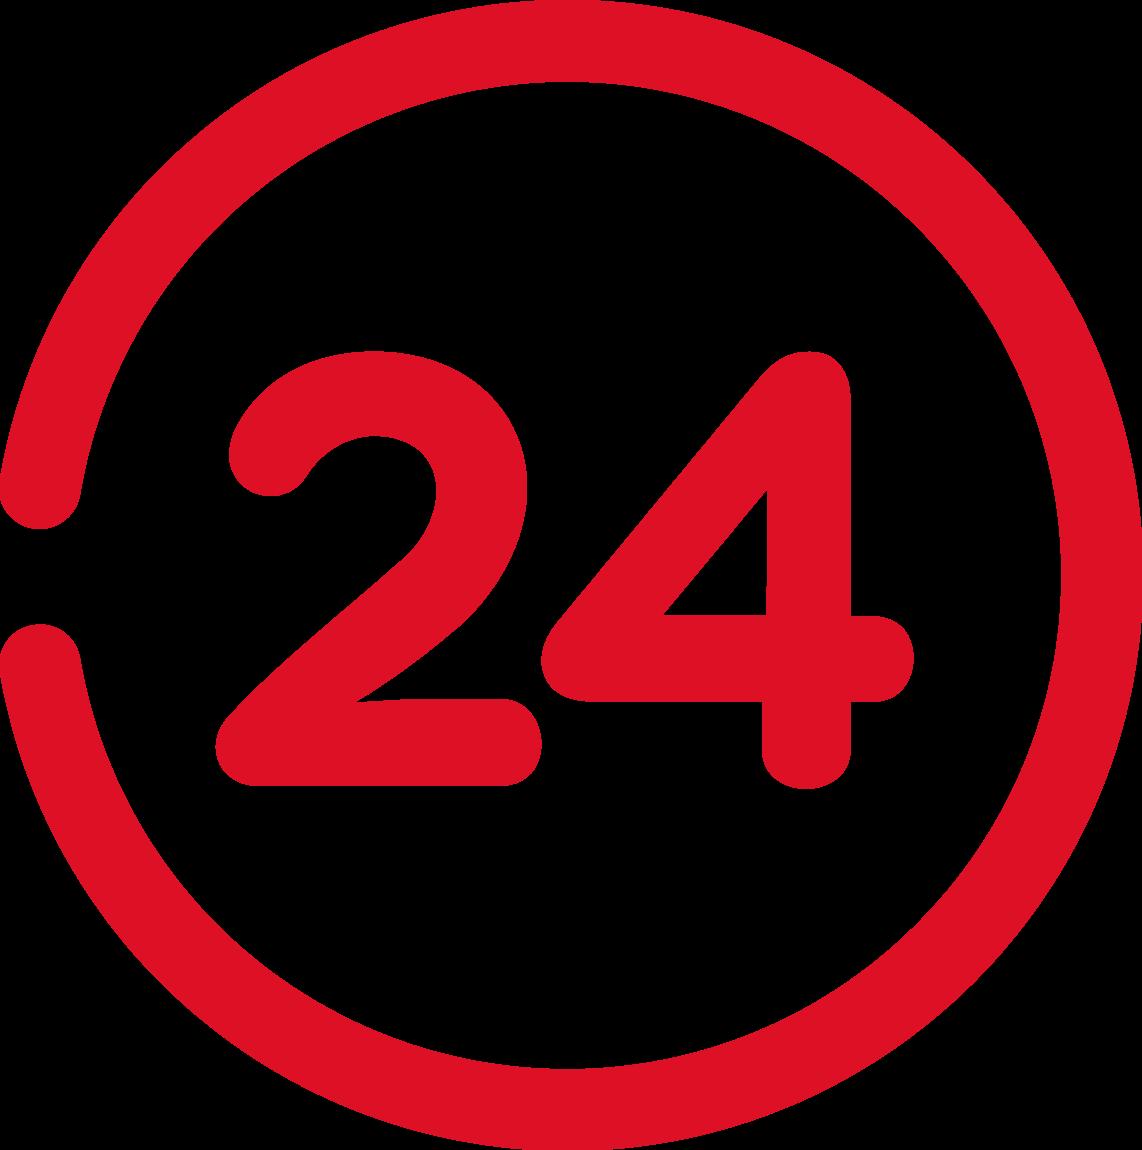 Archivo:Logotipo de 24 Horas TVN.png - Wikipedia, la enciclopedia libre